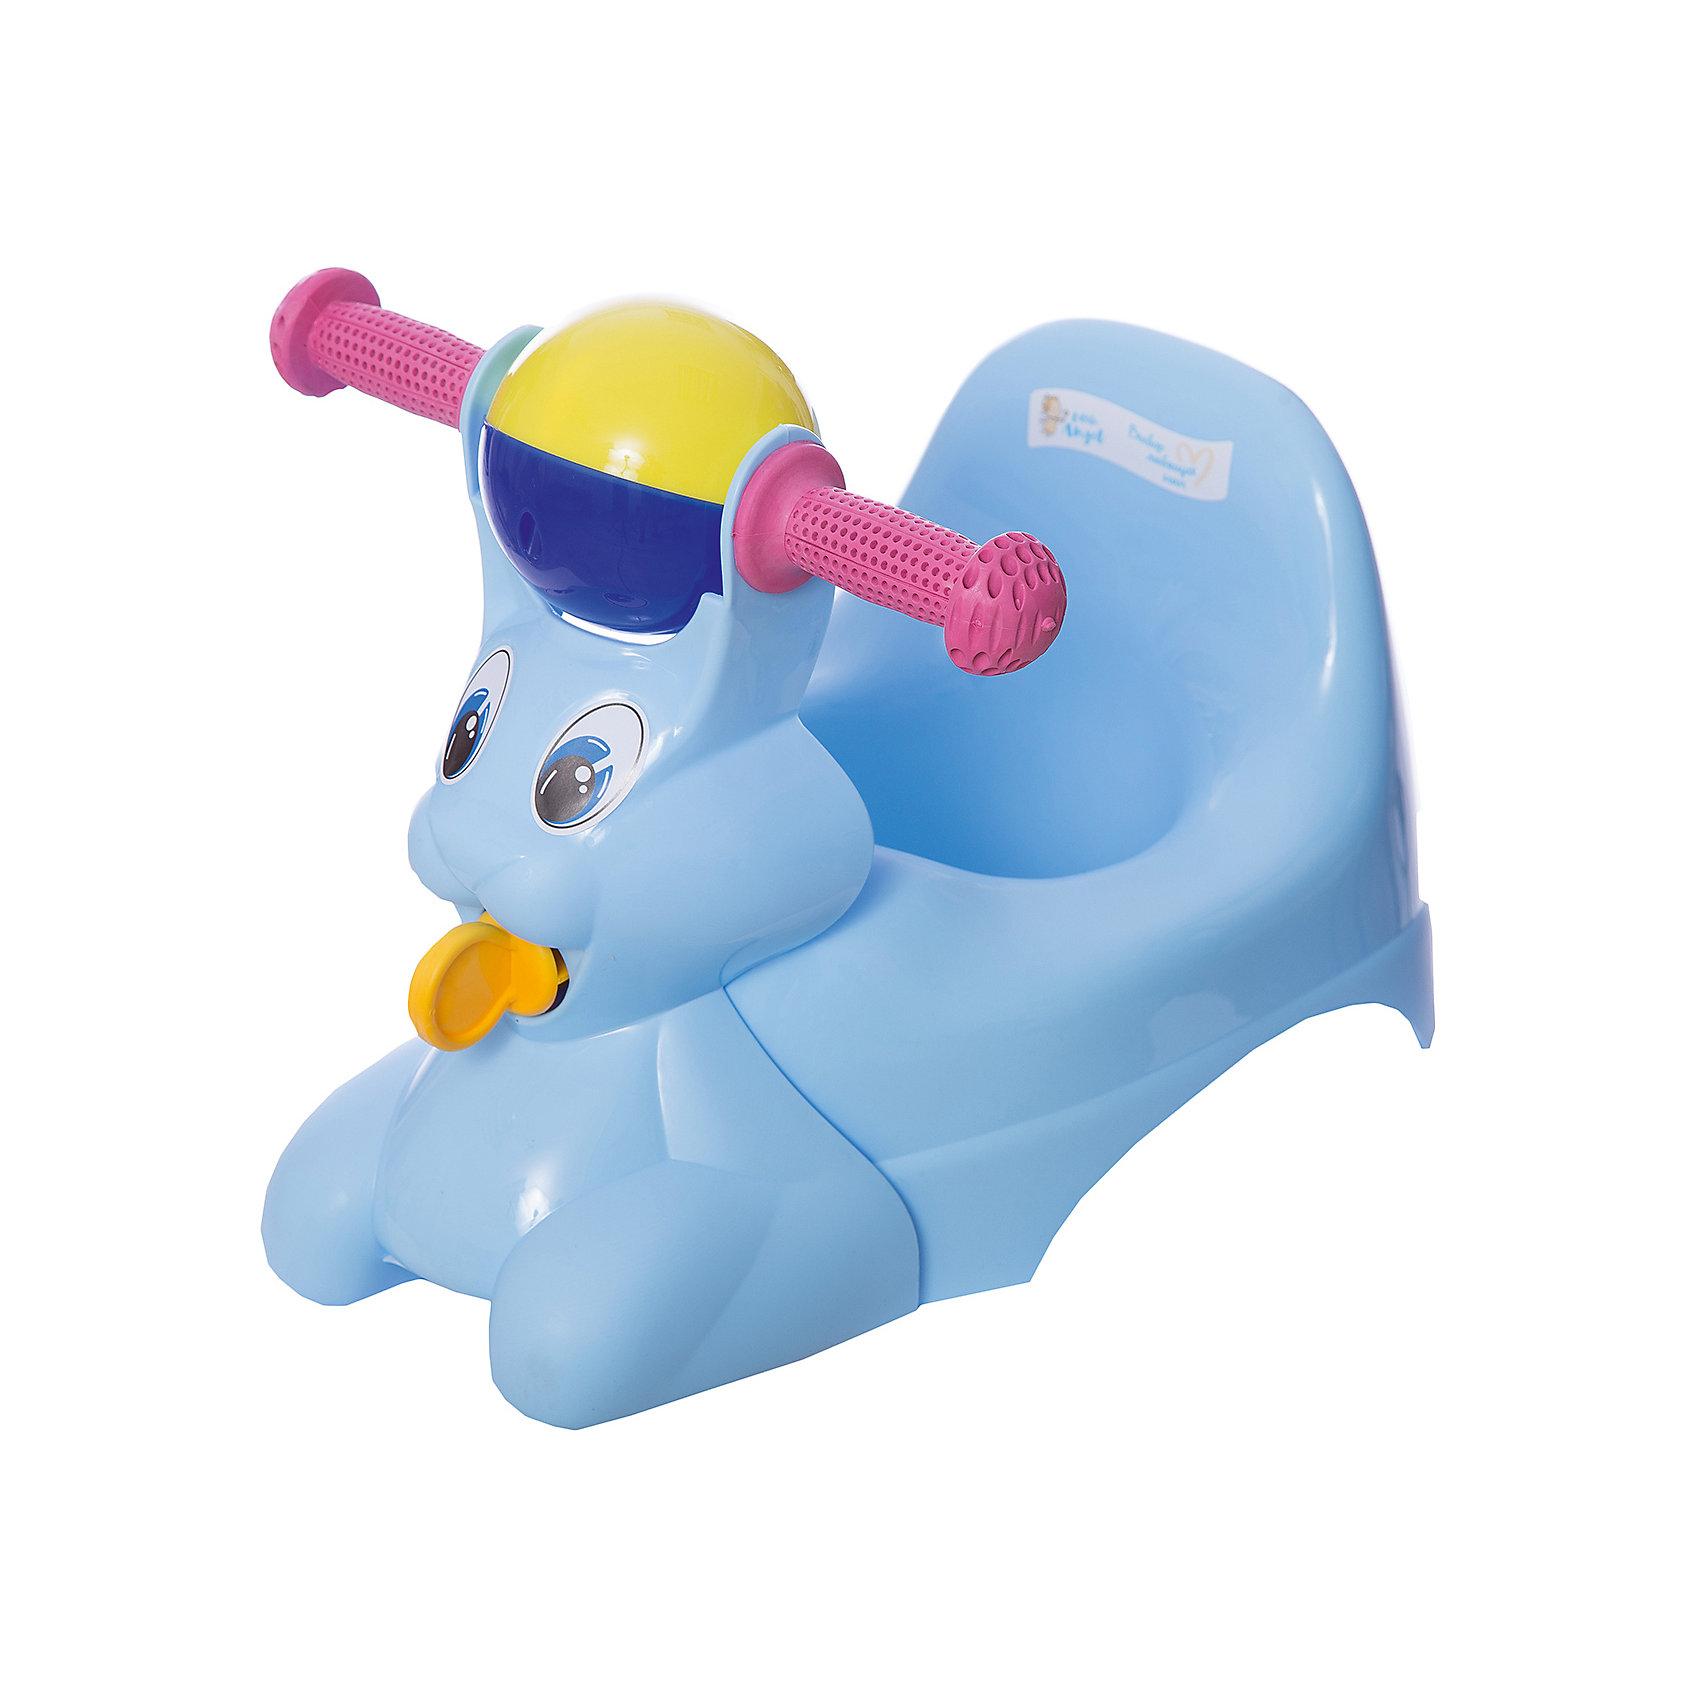 Горшок-игрушка Зайчик, Little Angel, голубойГоршки, сиденья для унитаза, стульчики-подставки<br>Горшок-игрушка Зайчик, Little Angel, голубой изготовлен отечественным производителем  из высококачественного экологически безопасного и прочного пластика. Горшок состоит из двух частей: самого горшка и прикрепляющейся к его корпусу игрушки. Игрушка имеет форму зайчика с двумя ручками и погремушкой посередине. Сам горшок имеет классическую анатомическую форму, поэтому подходит как для мальчиков, так и для девочек. Горшок отличается высокой устойчивостью, что защищает его от опрокидывания. Кроме того, он достаточно прост в уходе ? легко моется водой. Эксплуатировать горшок можно как с игрушкой, так и без нее.<br><br>Дополнительная информация:<br><br>- Предназначение: для дома<br>- Цвет: голубой<br>- Пол: для мальчика<br>- Материал: пластик<br>- Размер (Д*Ш*В): 42*29*31 см<br>- Вес: 715 г<br>- Особенности ухода: разрешается мыть<br><br>Подробнее:<br><br>• Для детей в возрасте: от 0 лет и до 3 лет<br>• Страна производитель: Россия<br>• Торговый бренд: Little Angel<br><br>Горшок-игрушка Зайчик, Little Angel, голубой можно купить в нашем интернет-магазине.<br><br>Ширина мм: 420<br>Глубина мм: 290<br>Высота мм: 310<br>Вес г: 715<br>Возраст от месяцев: 0<br>Возраст до месяцев: 36<br>Пол: Мужской<br>Возраст: Детский<br>SKU: 4881803